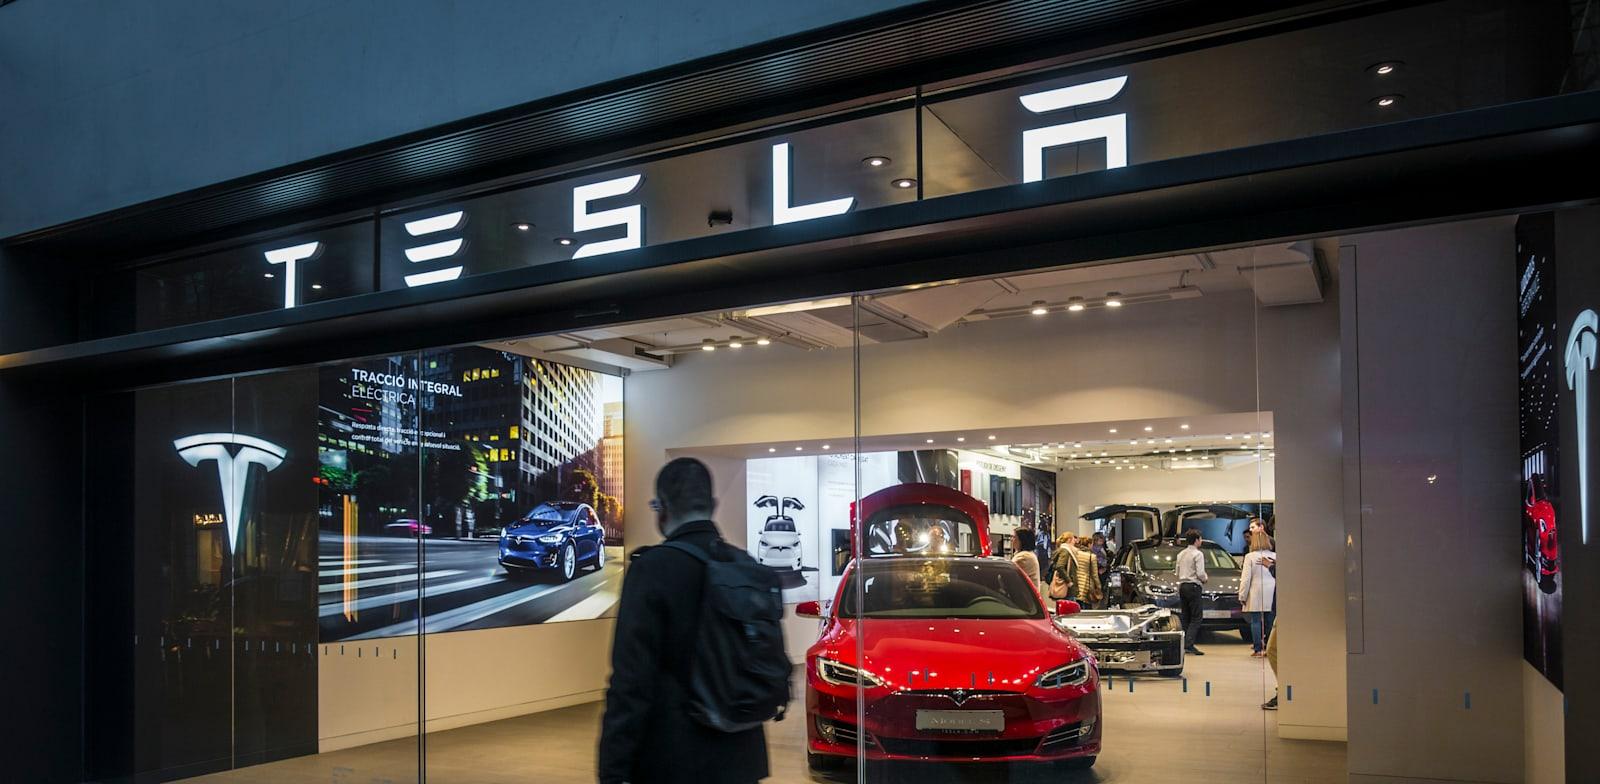 Tesla Store Photo: Ivan Marc Shutterstock